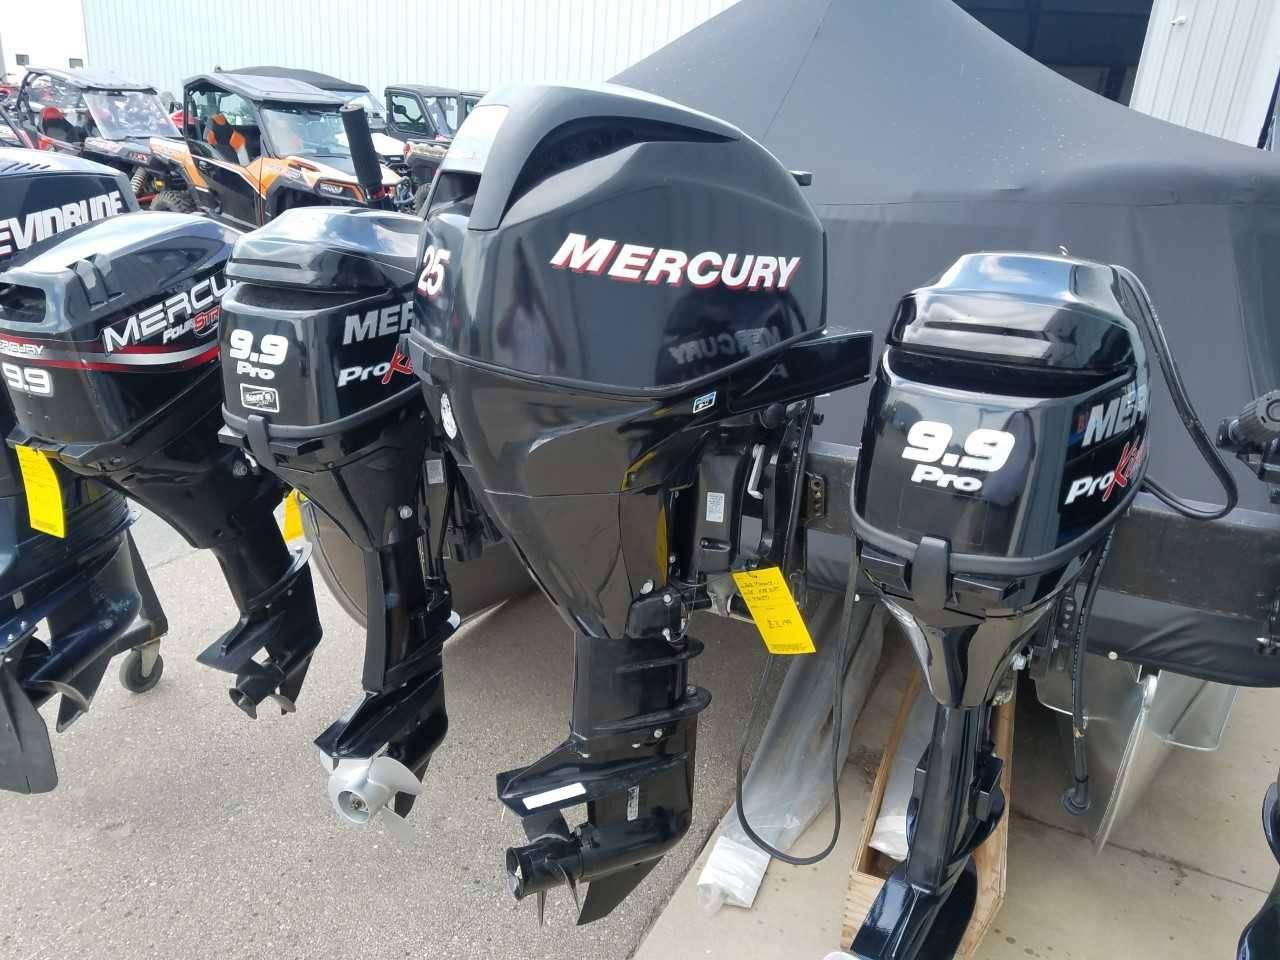 Used Mercury Marine Fourstroke 25 Efi Boat Engines In Kaukauna Wi 476597 Black